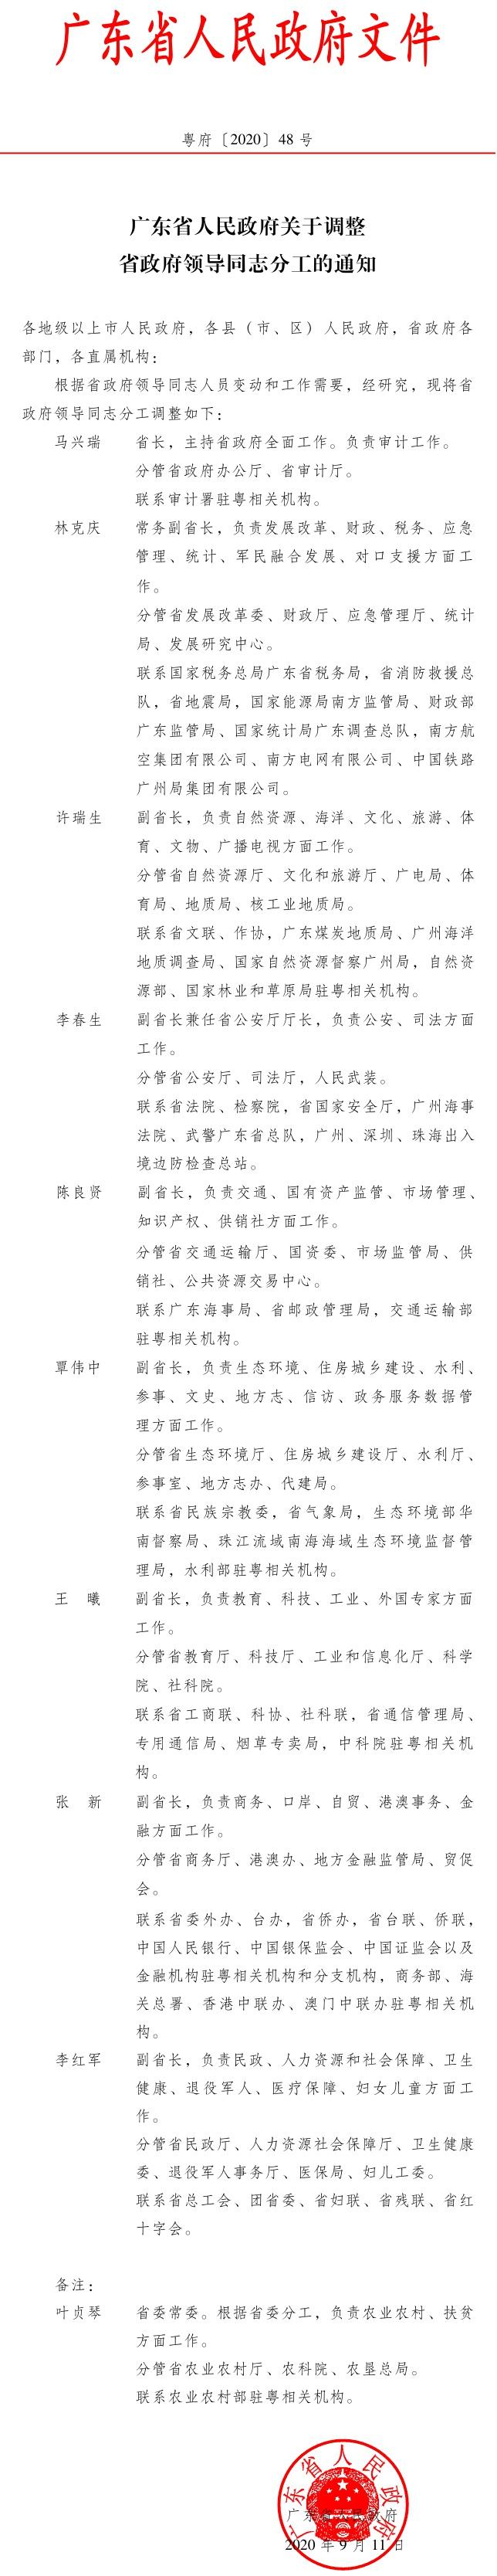 广东省政府领导分工调整 李红军负责民政、卫生健康等工作图片